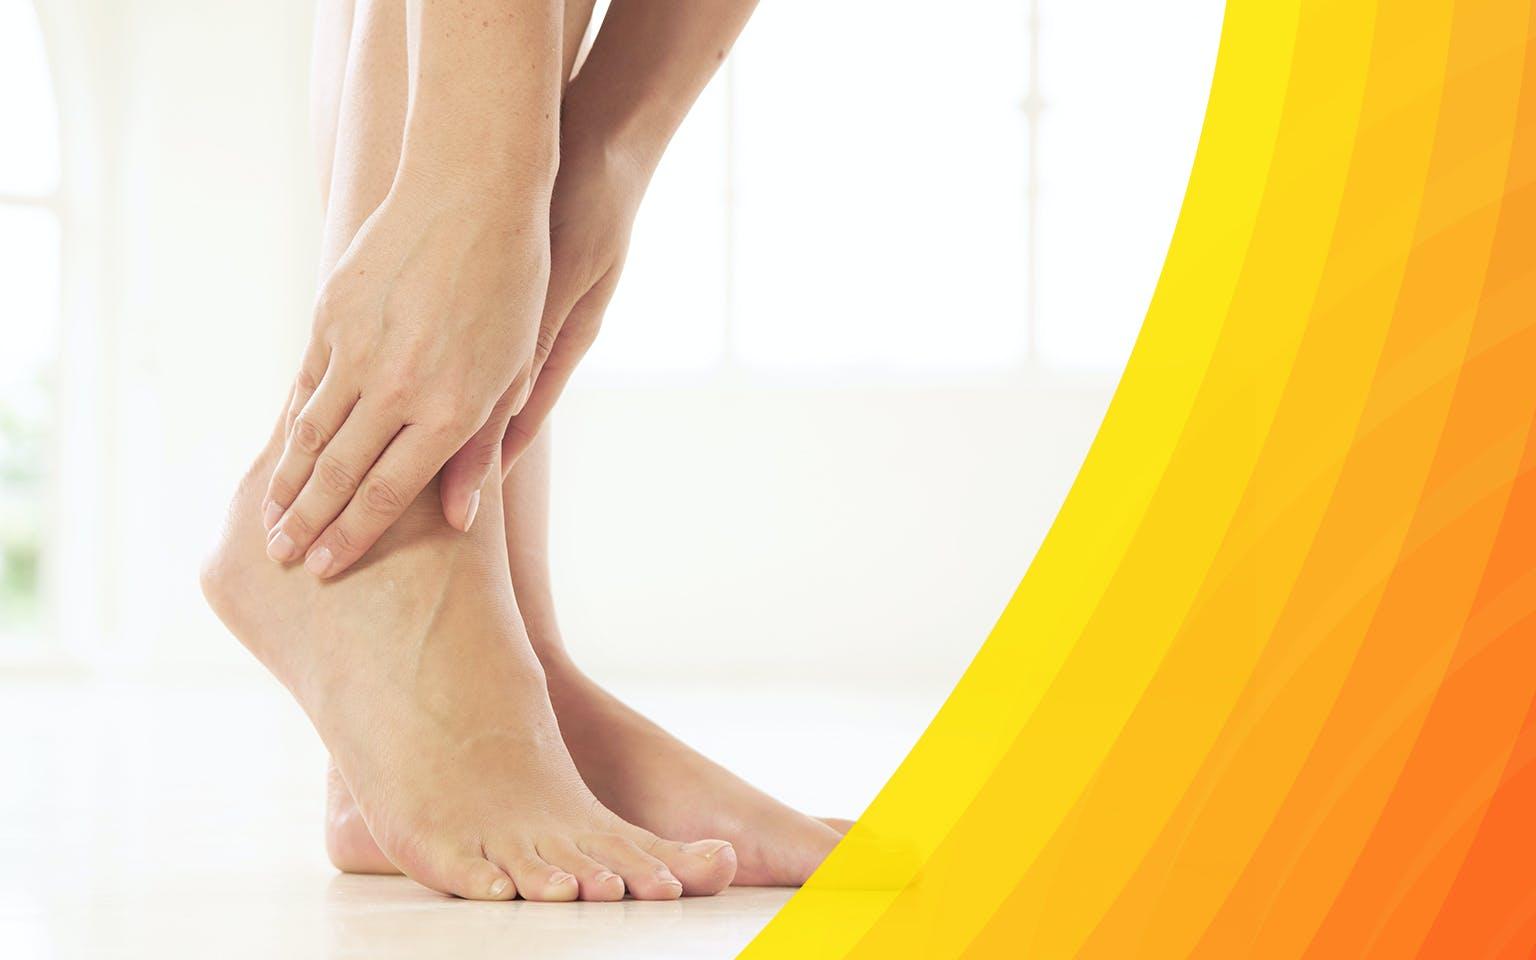 Femme touchant son pied à cause d'une douleur à la cheville